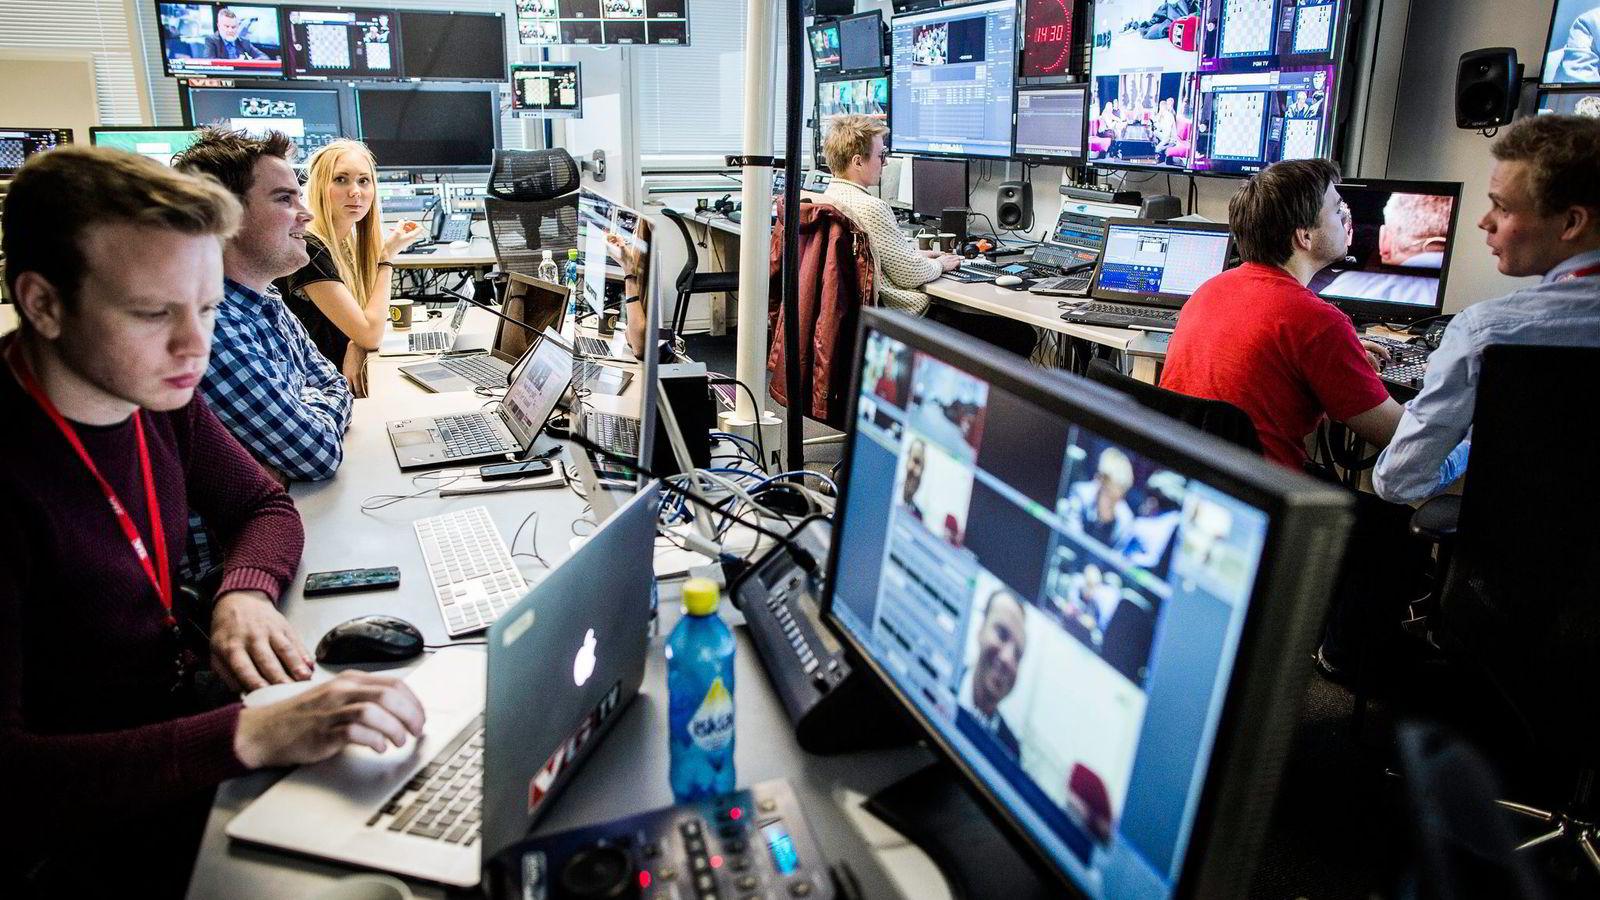 En tommelfingerregel tilsier at det er snakk om 1500–2000 nye arbeidsplasser i nye medier som VGTV, Nettavisen og Klikk – samt nye digitale arbeidsplasser i etablerte medier, skriver artikkelforfatterne. Her fra VGTVs produksjon av sjakkstudio ifjor.